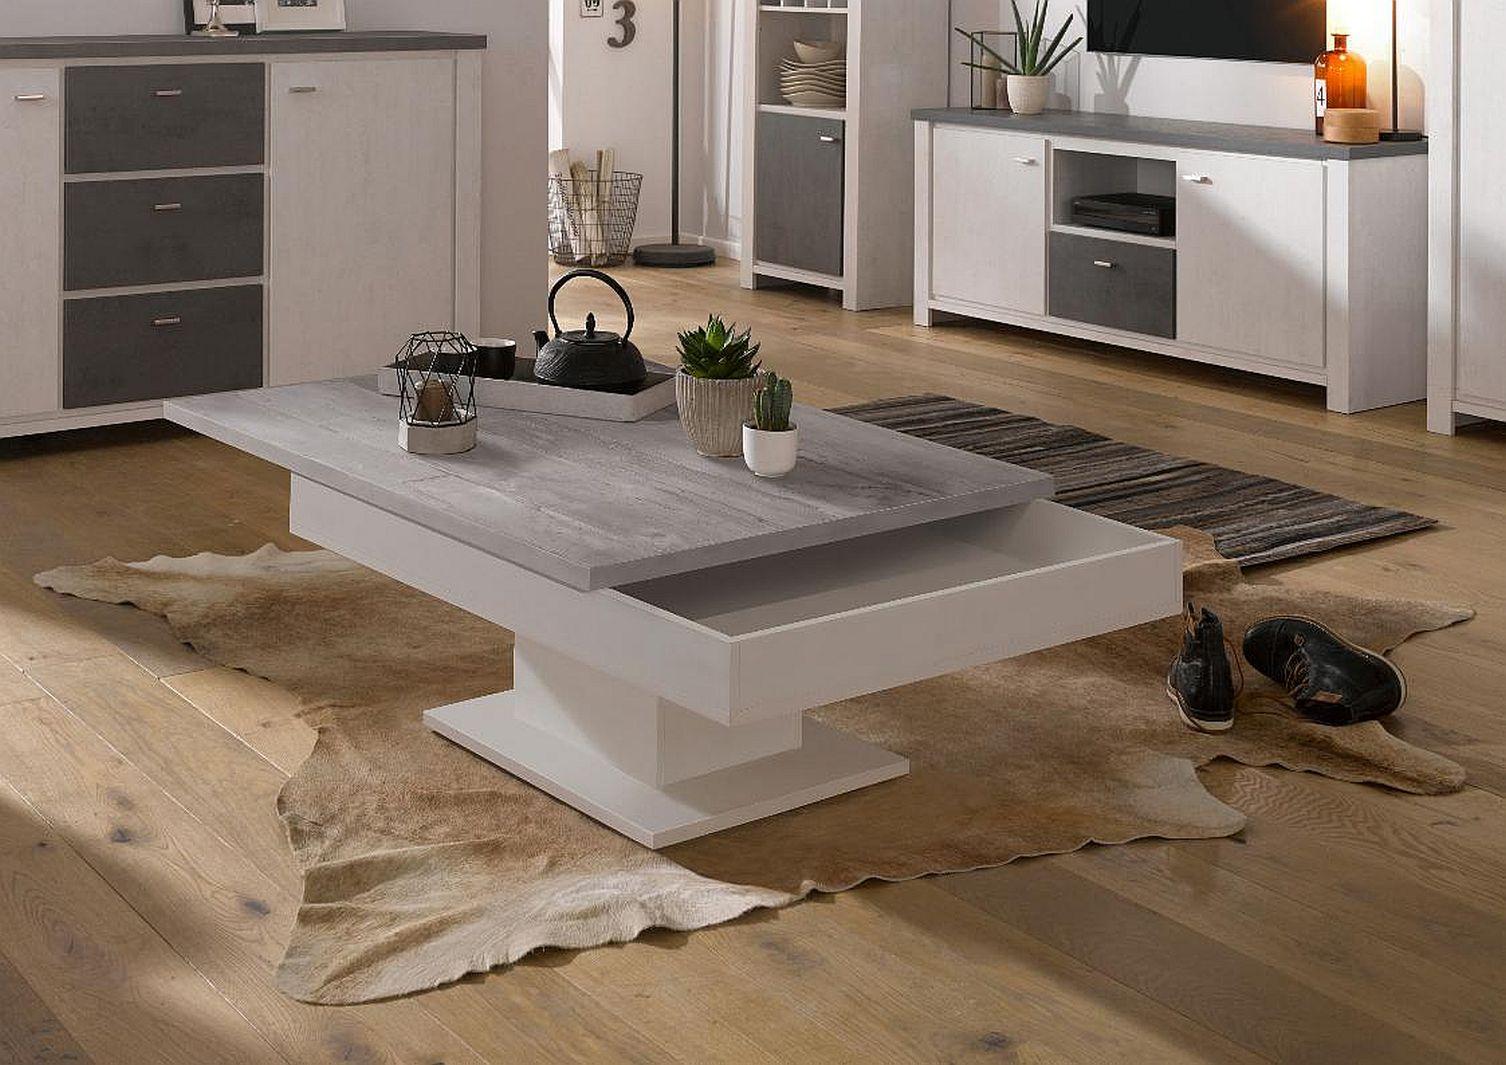 couchtisch wohnzimmertisch designertisch tisch beistelltisch tische 80x80 beton 4260498521982 ebay. Black Bedroom Furniture Sets. Home Design Ideas